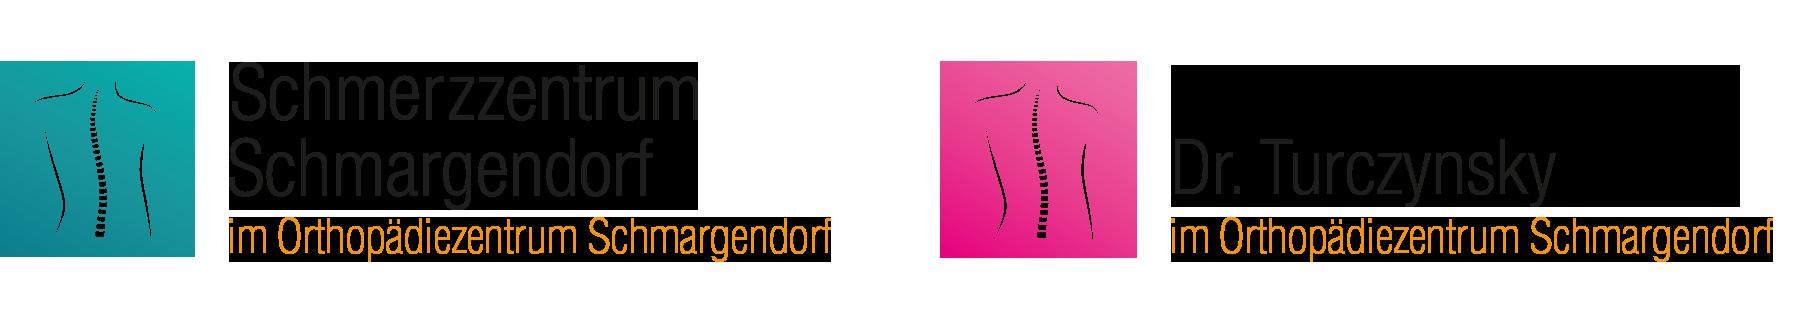 Schmerzzentrum Schmargendorf